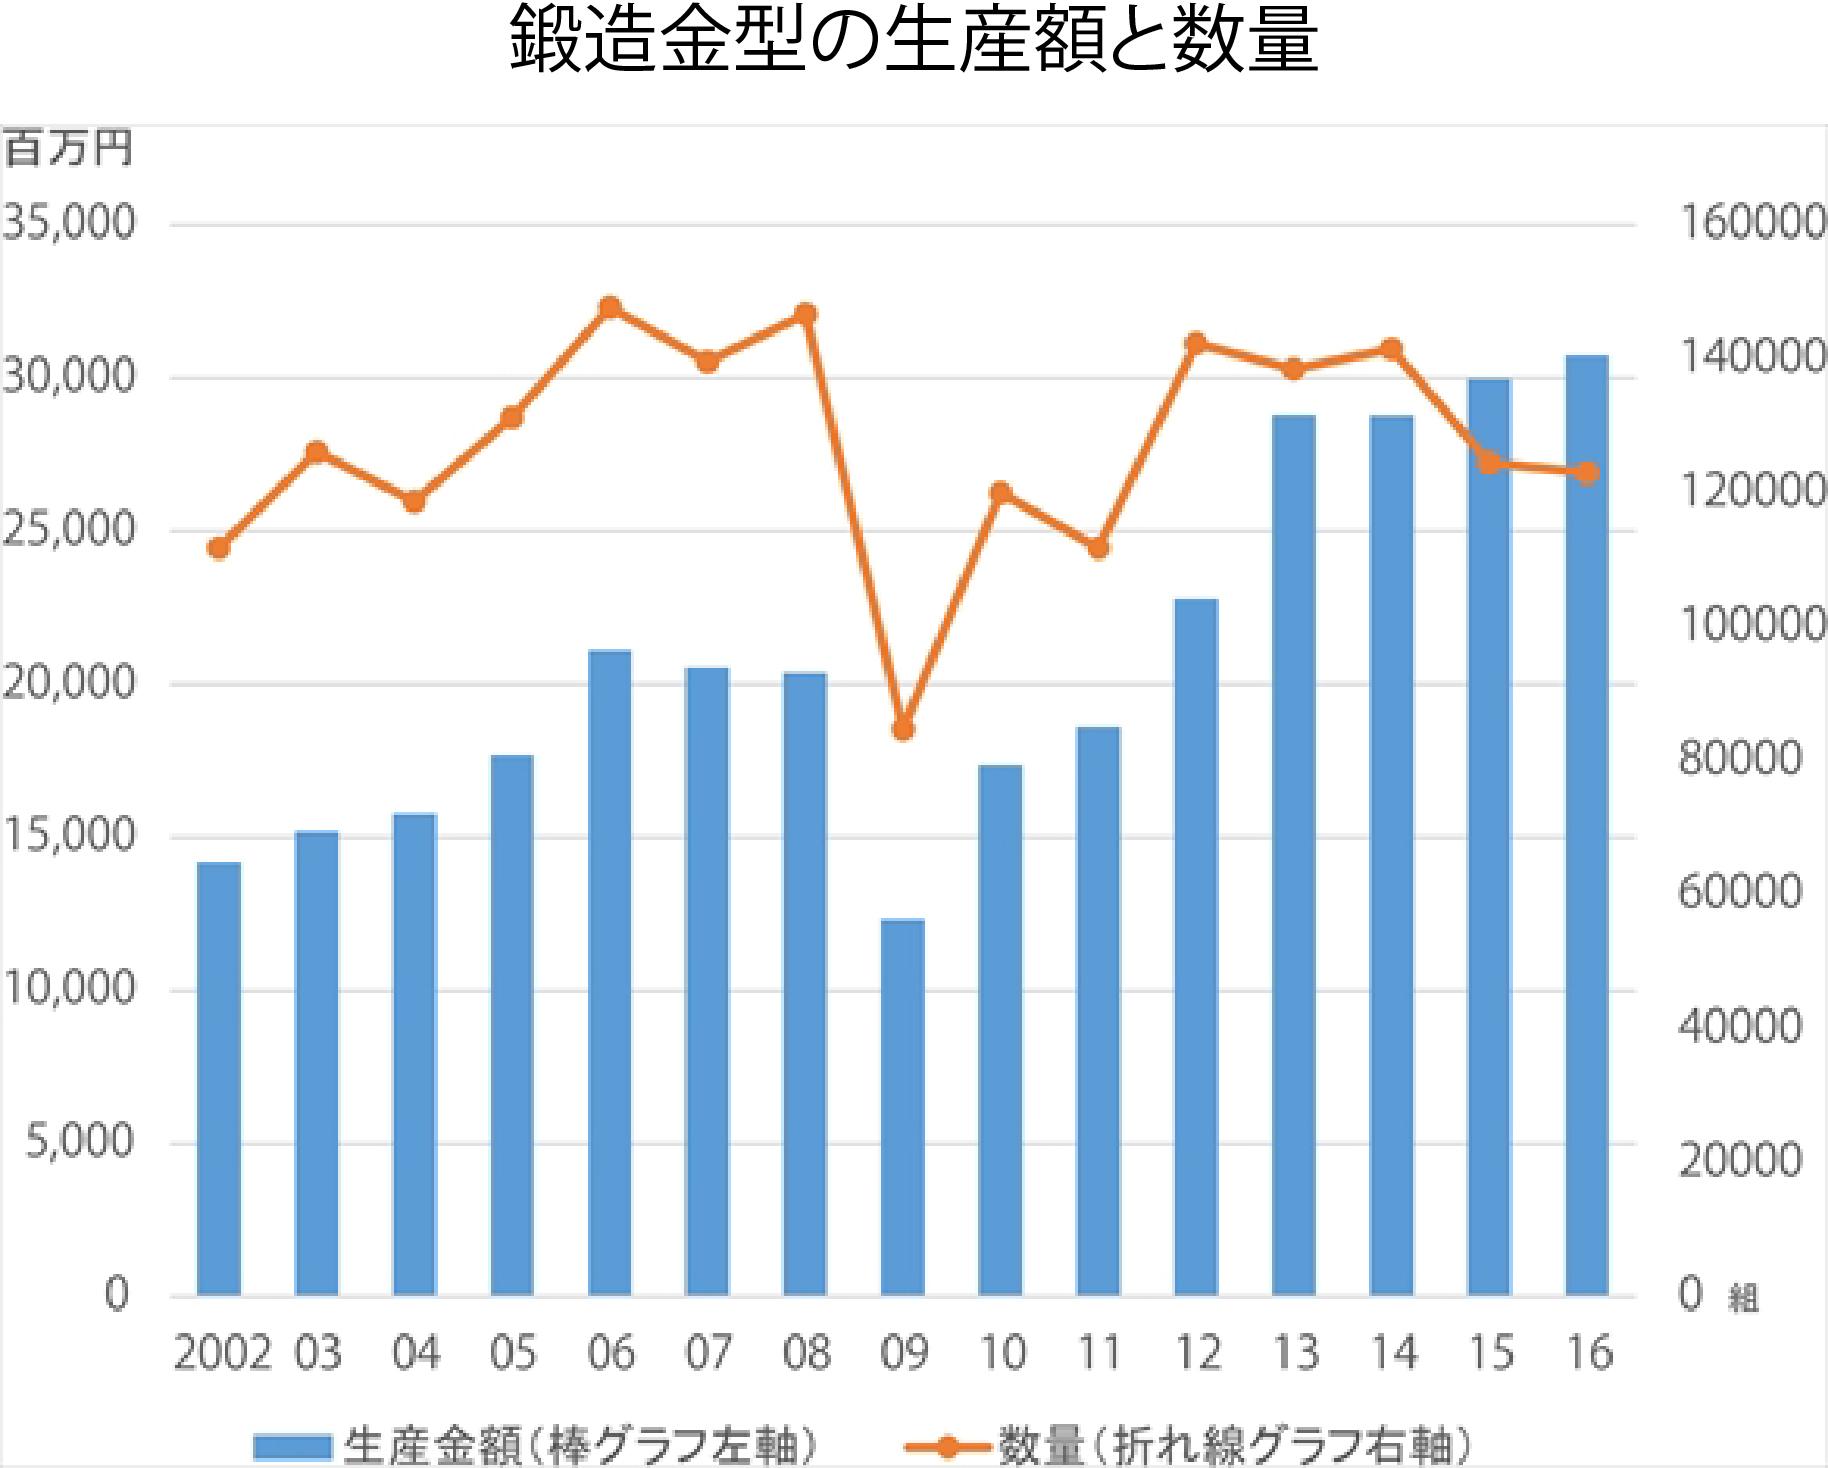 鍛造金型の生産額と数量